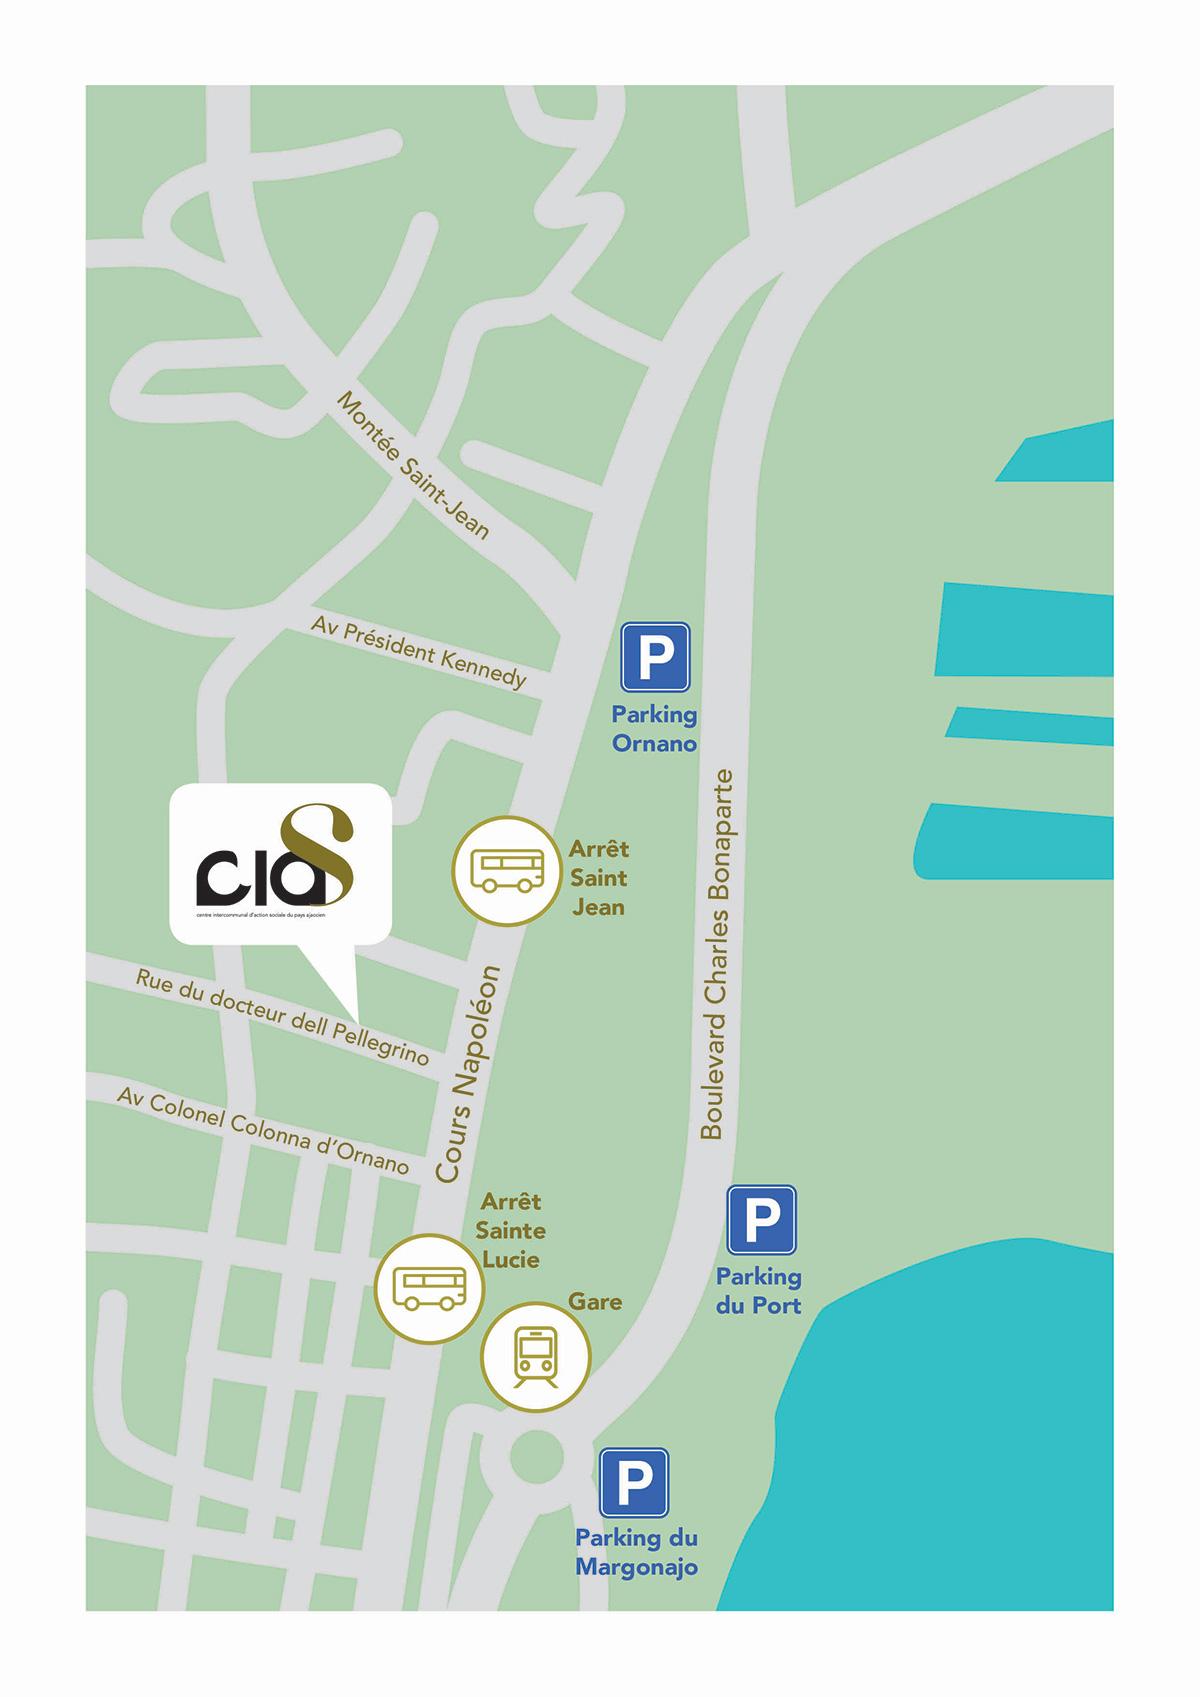 Accès aux locaux du CIAS à Alban, rue du Dr Del Pellegrino